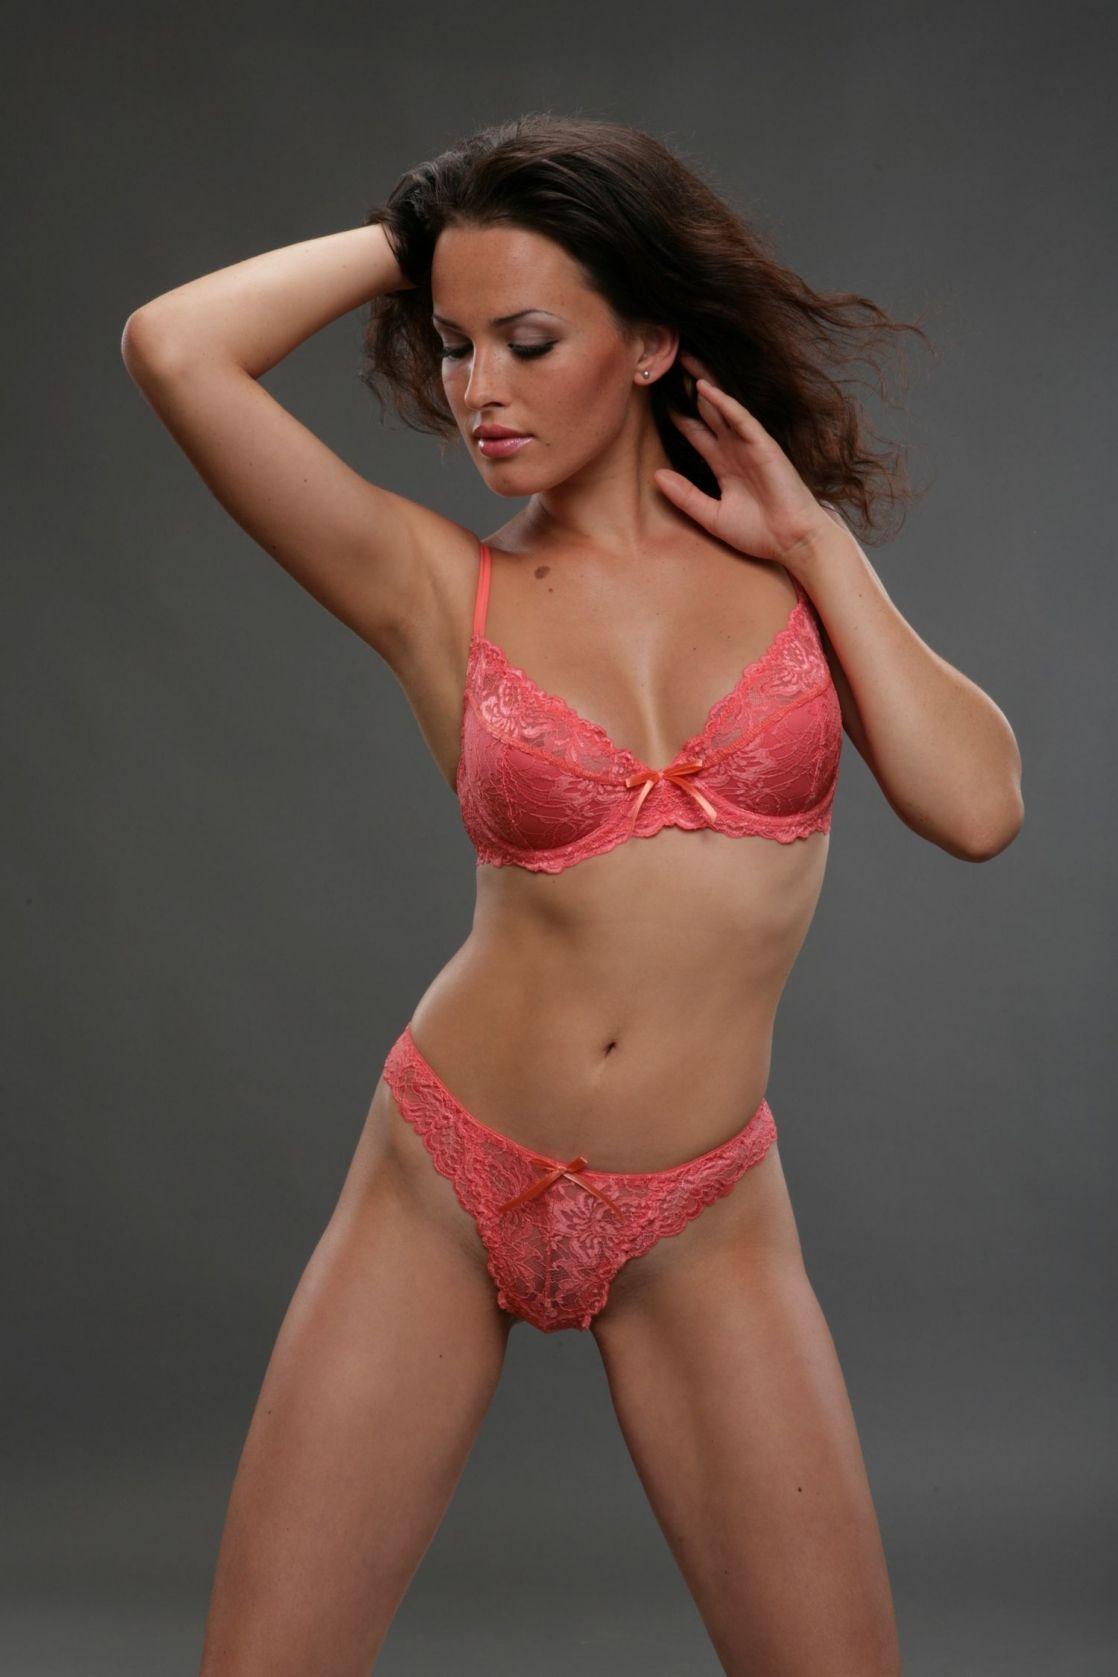 Bikini Dasha Astafieva nudes (83 photos), Ass, Cleavage, Twitter, panties 2018